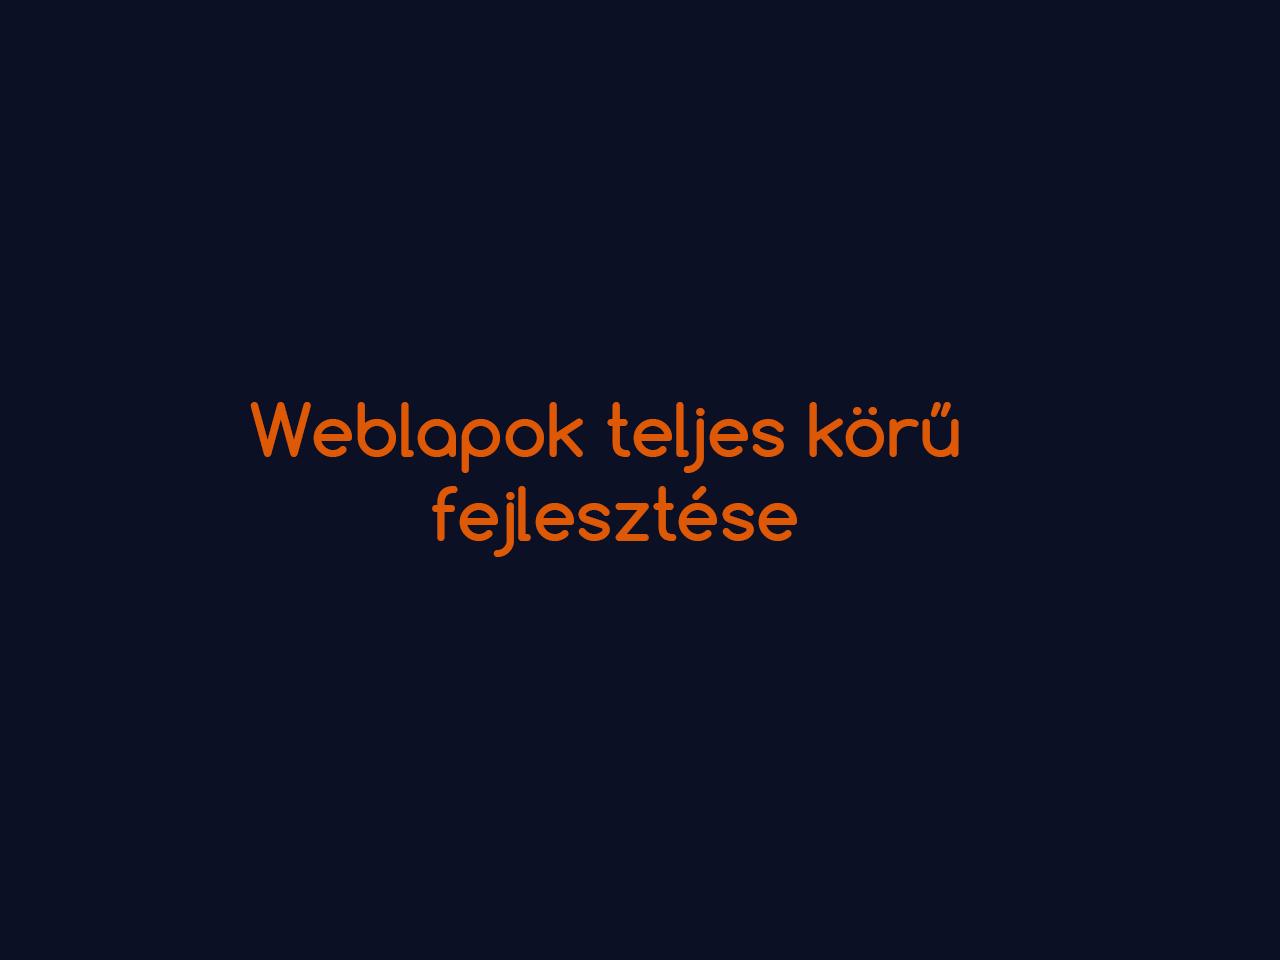 WEBFEJLESZTÉS, HONLAPKÉSZÍTÉS, WEBPROGRAMOZÁS, WEBDESIGN, TERMÉKFOTÓ